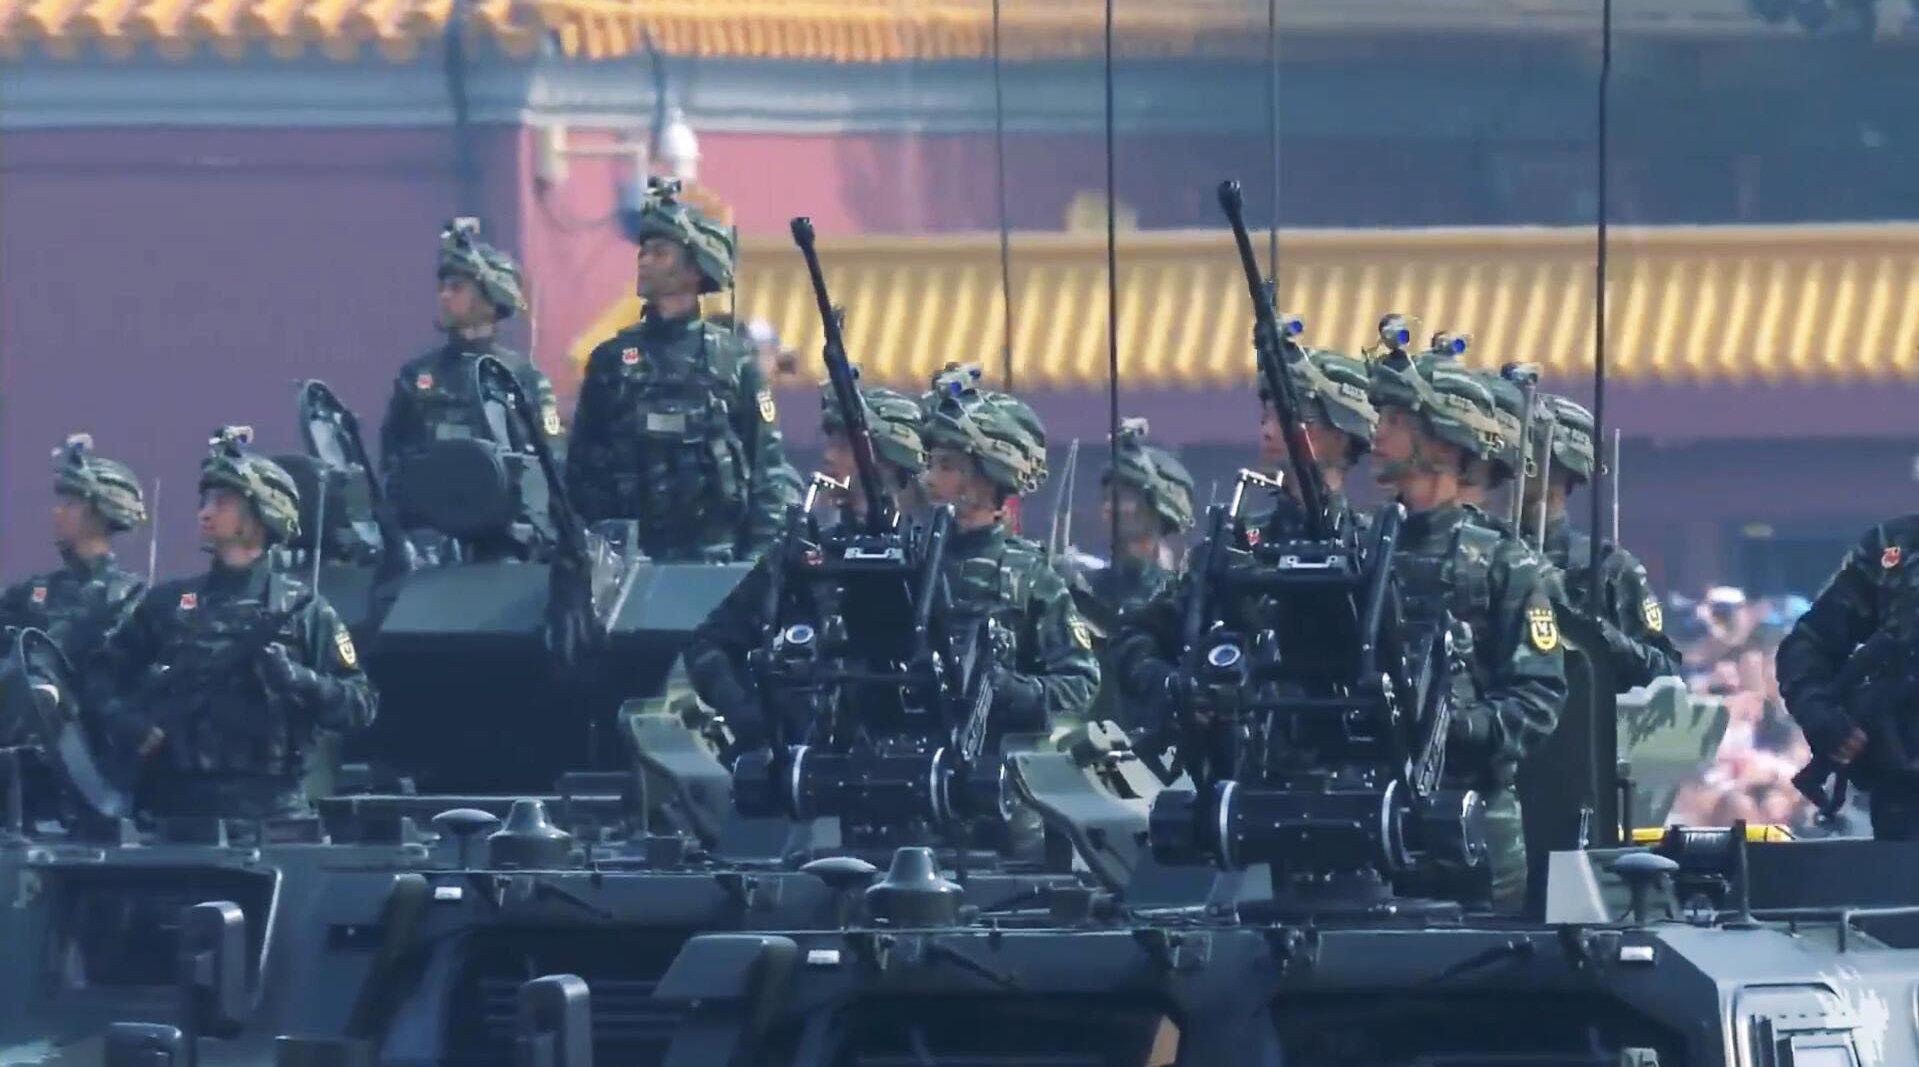 新中国70周年大阅兵,武警反恐突击方队受阅,时刻维护安定和谐!